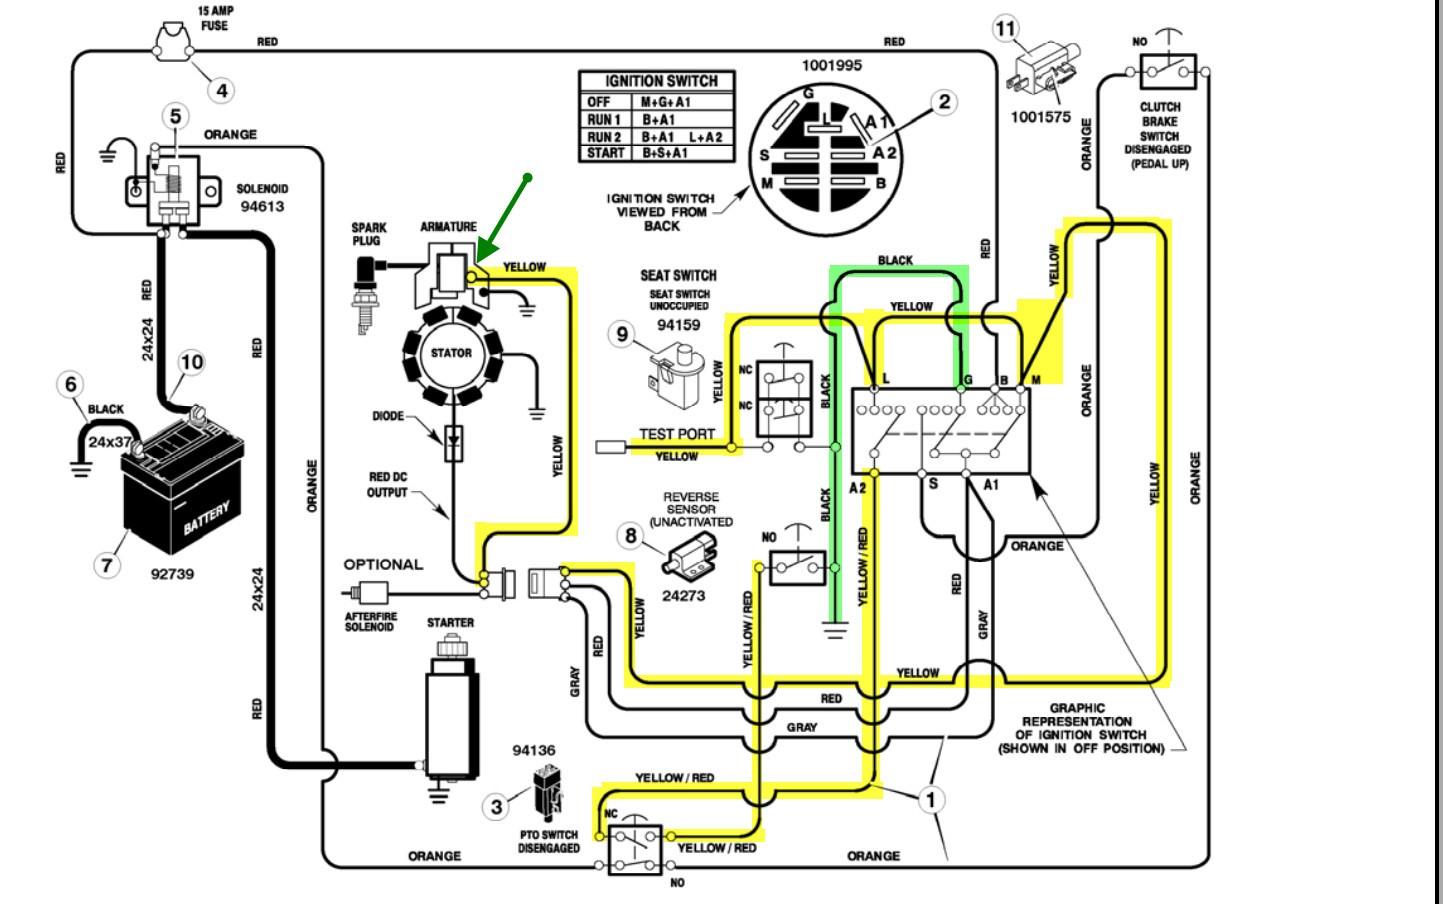 briggs and stratton voltage regulator wiring diagram Collection Wiring Diagram Briggs And Stratton 18 Hp